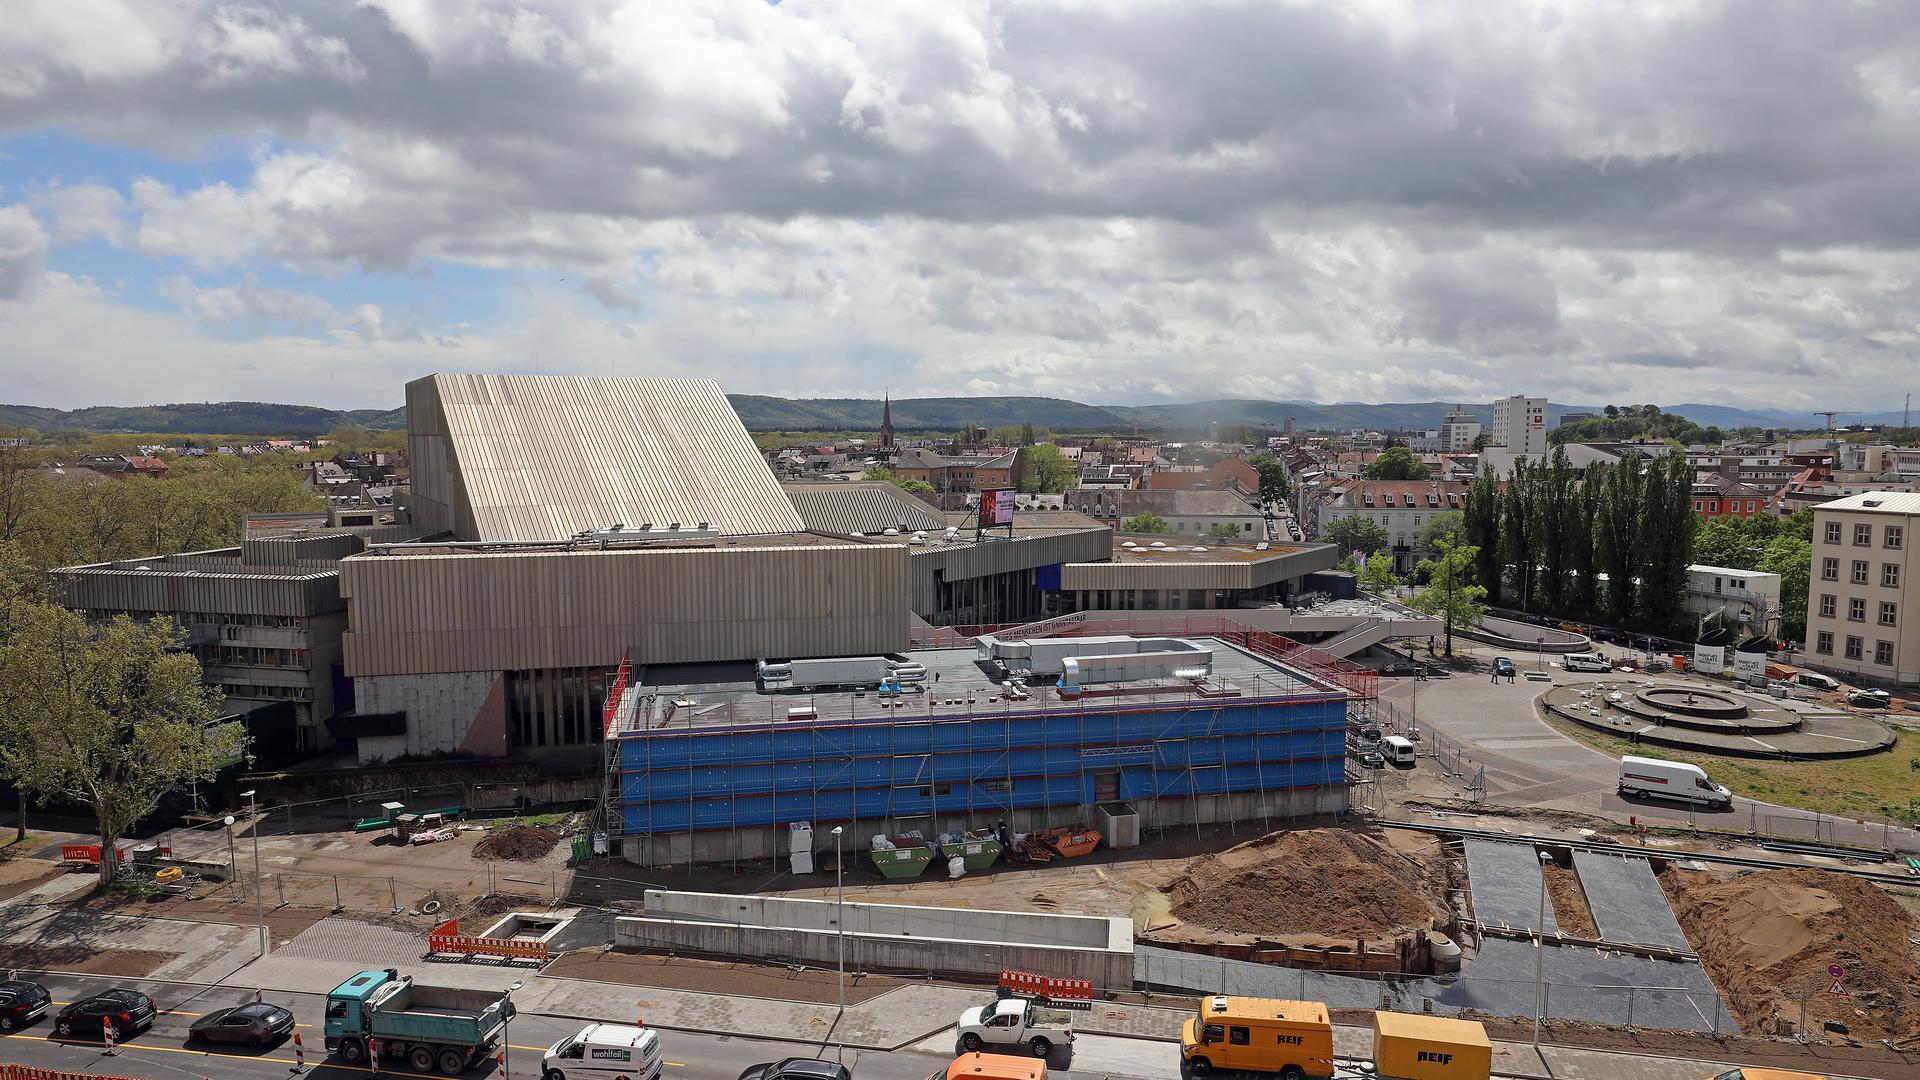 Dunkle Wolken ziehen auf: Das Bauprojekt Badisches Staatstheater steht nochmals auf dem Prüfstand. Die Kosten sind in der Vergangenheit immer weiter gestiegen.